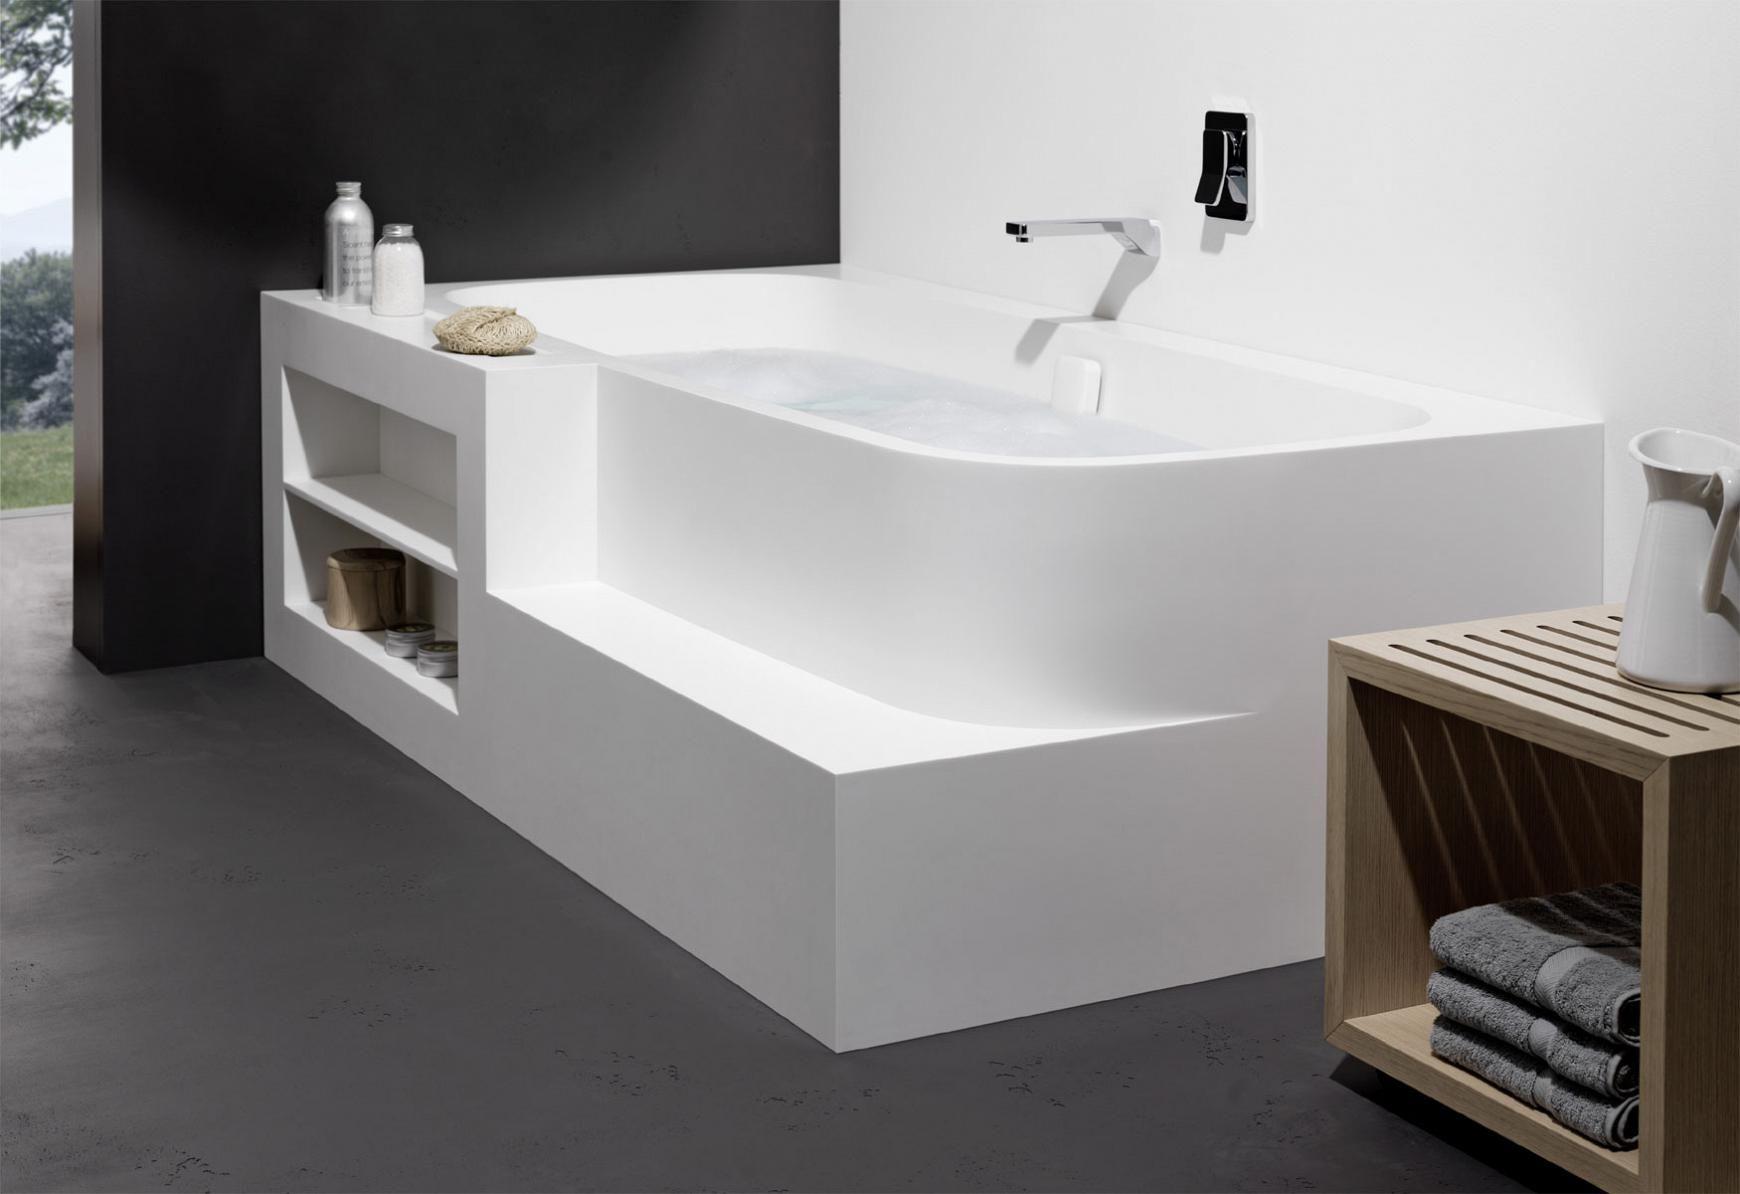 Stilvolle Badewannen aus Corian, individuell, langlebig, Whirlsystem, erweiterbar | talsee